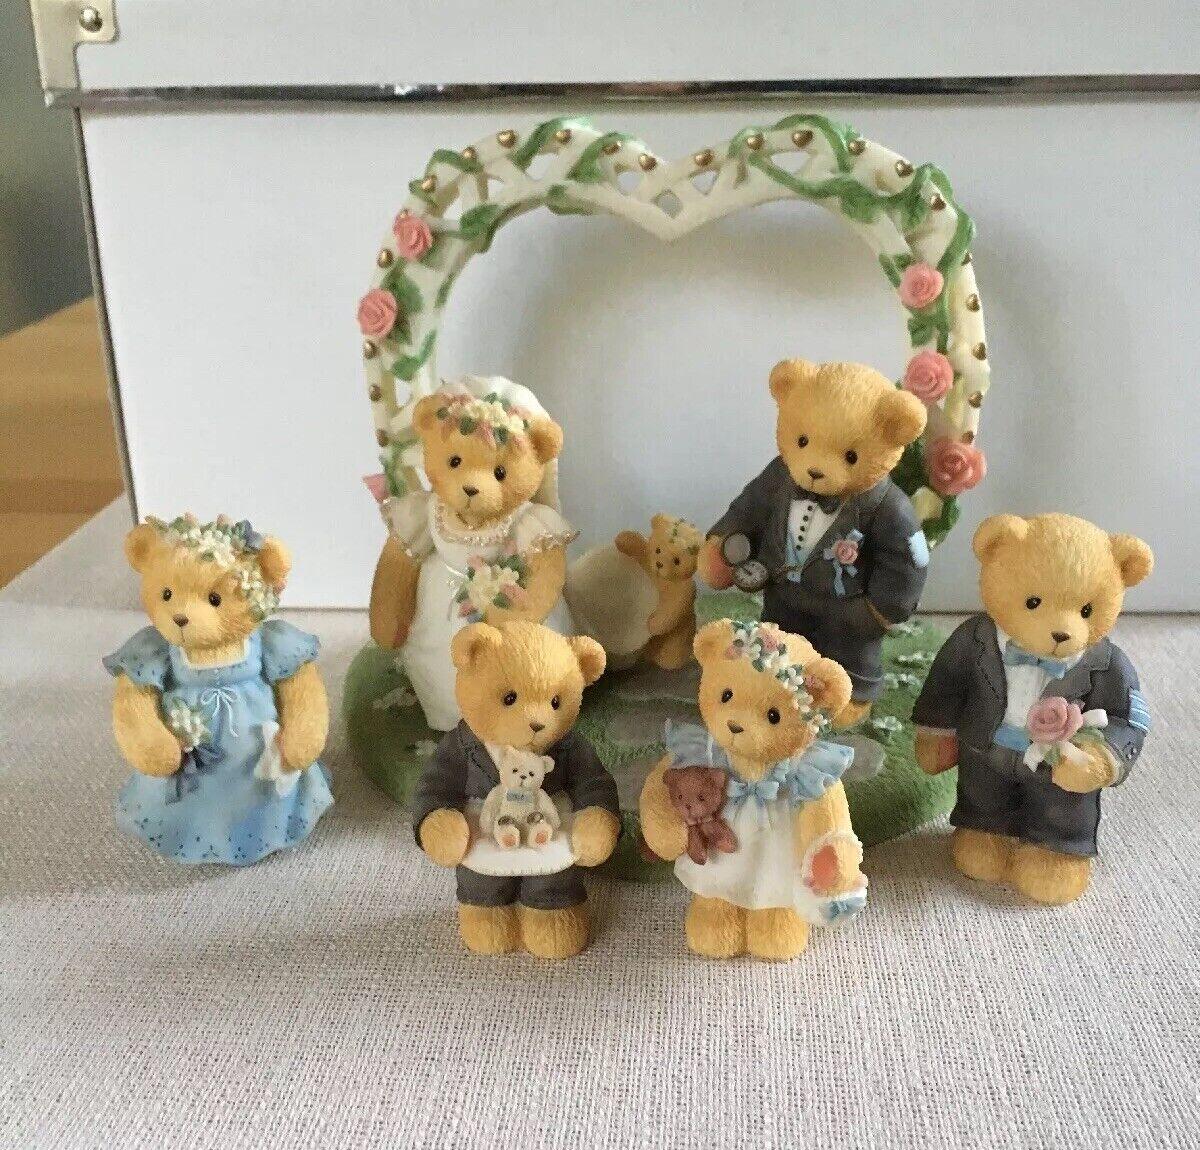 Cherished Teddies Hochzeit   Wedding komplett - 7-teilig